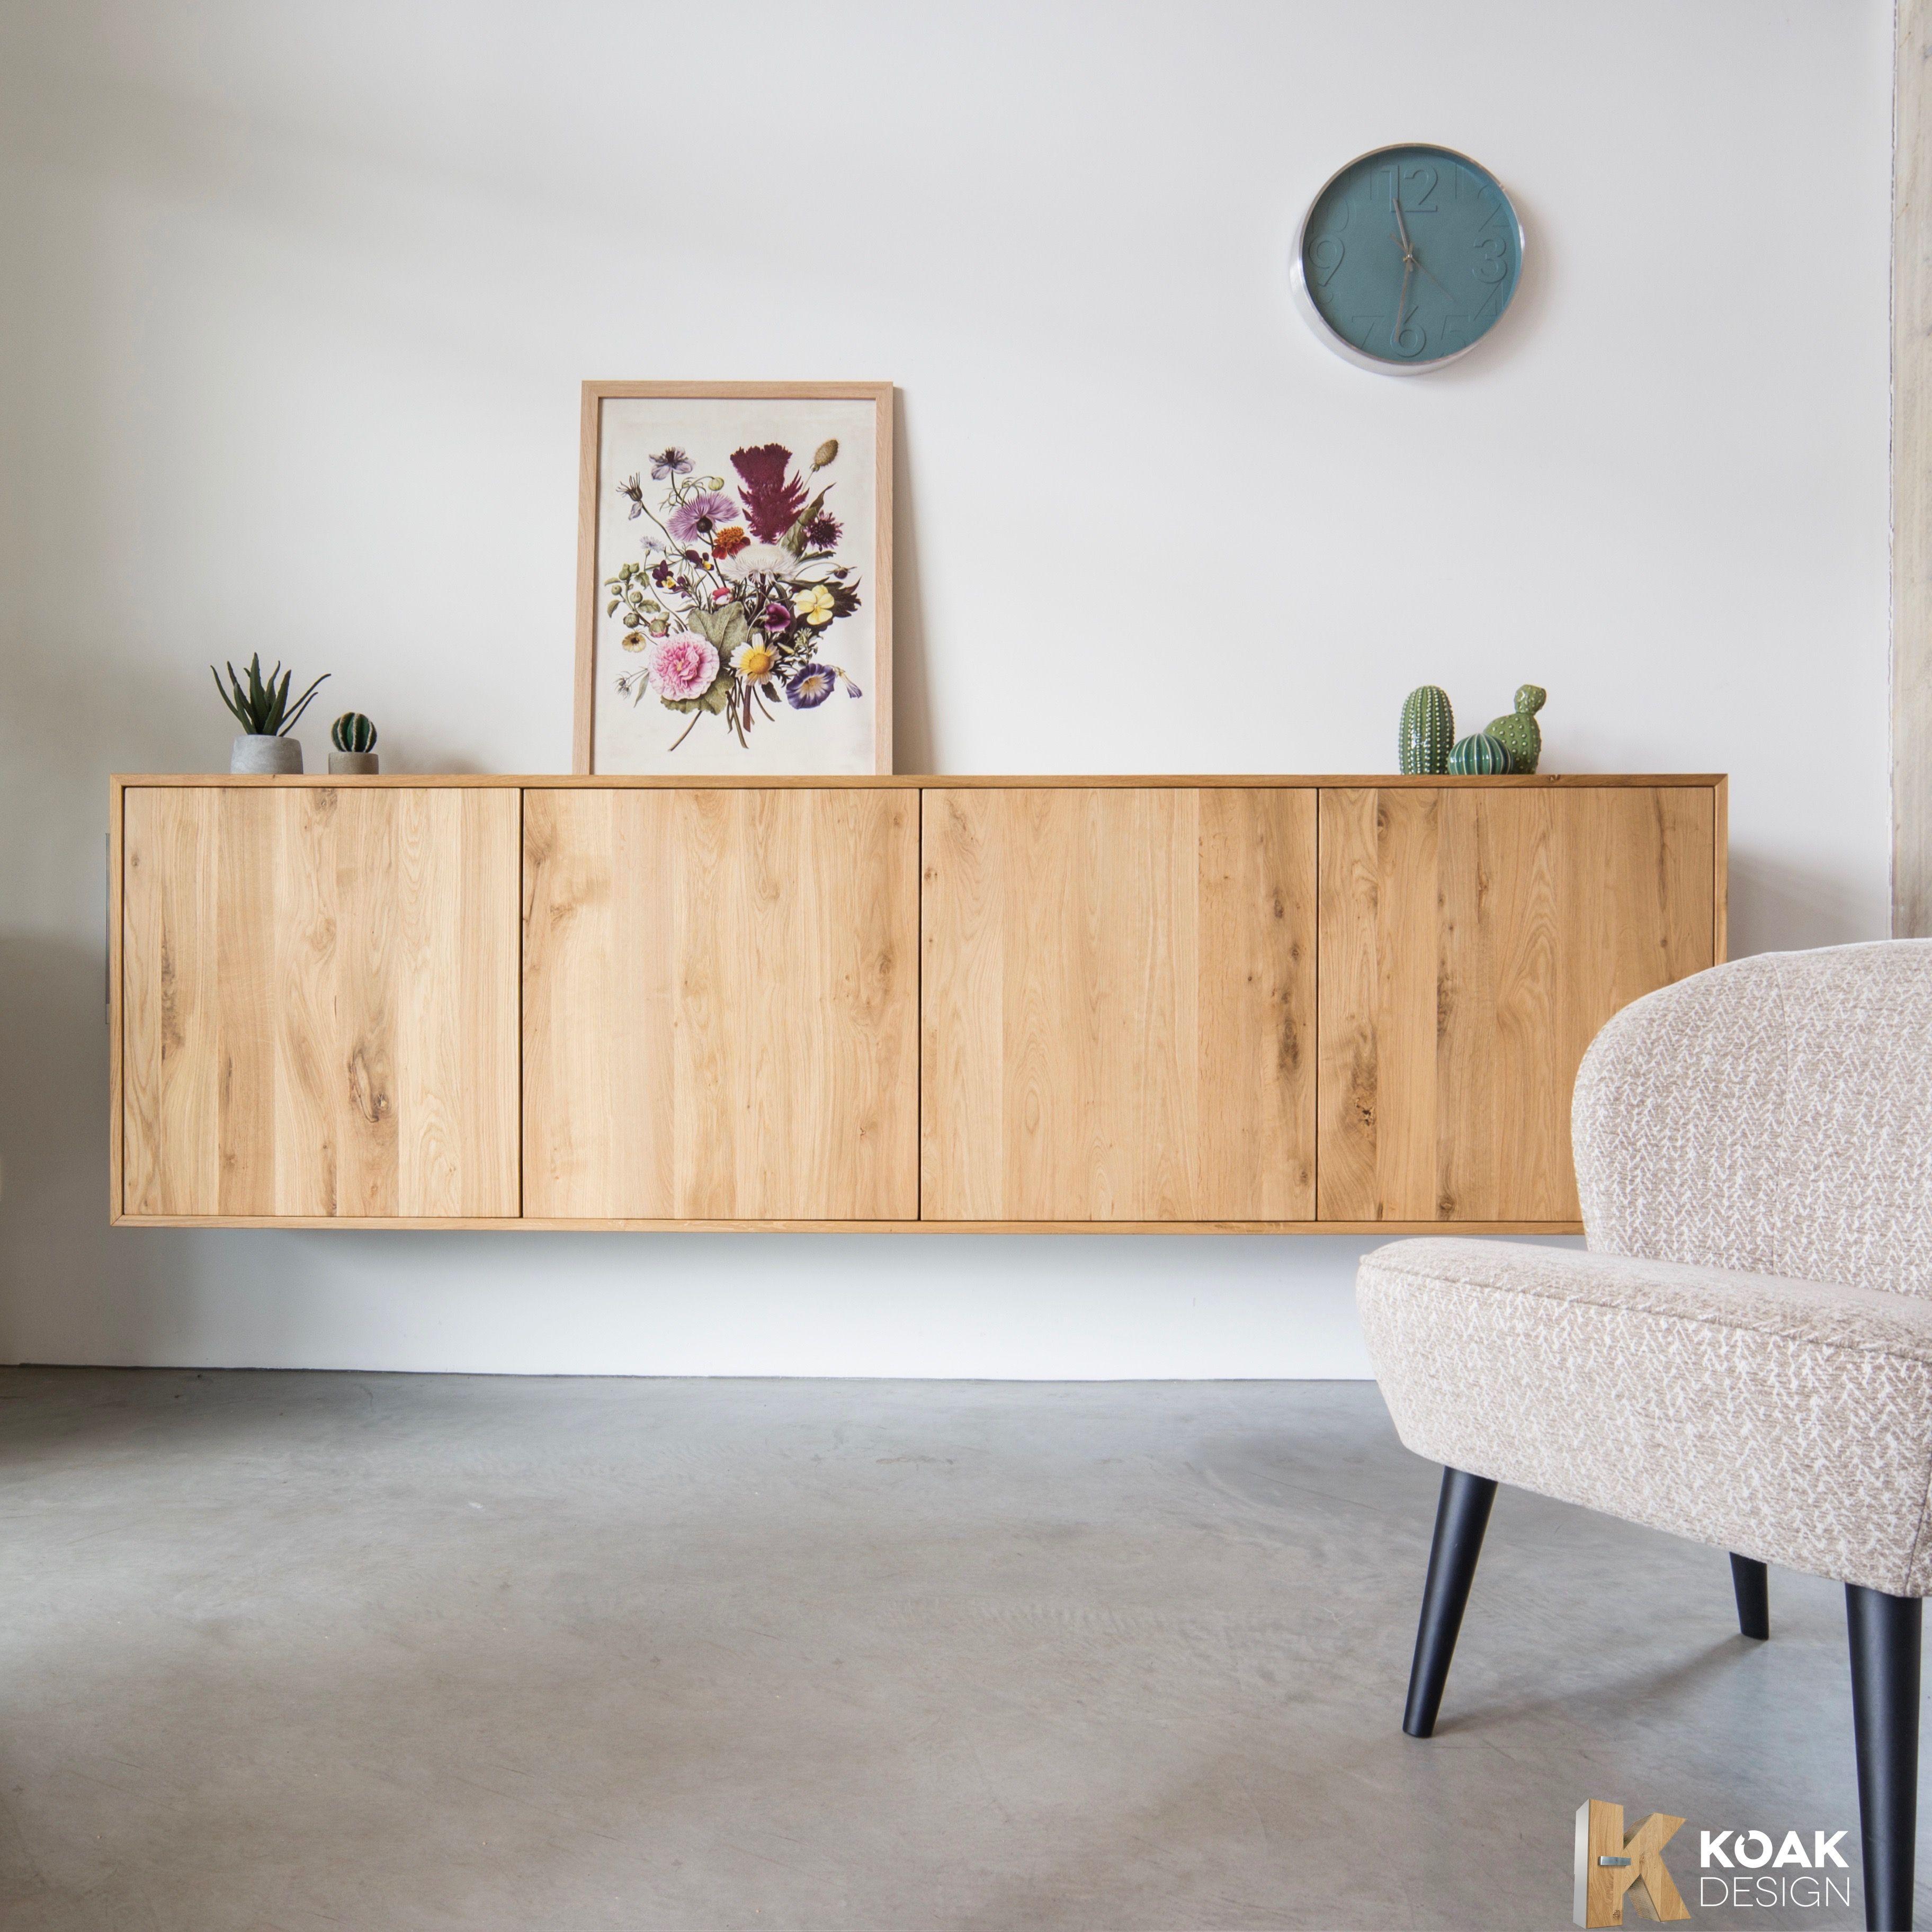 This IKEA Besta Is A Massive Oak Upgrade With KOAK Design